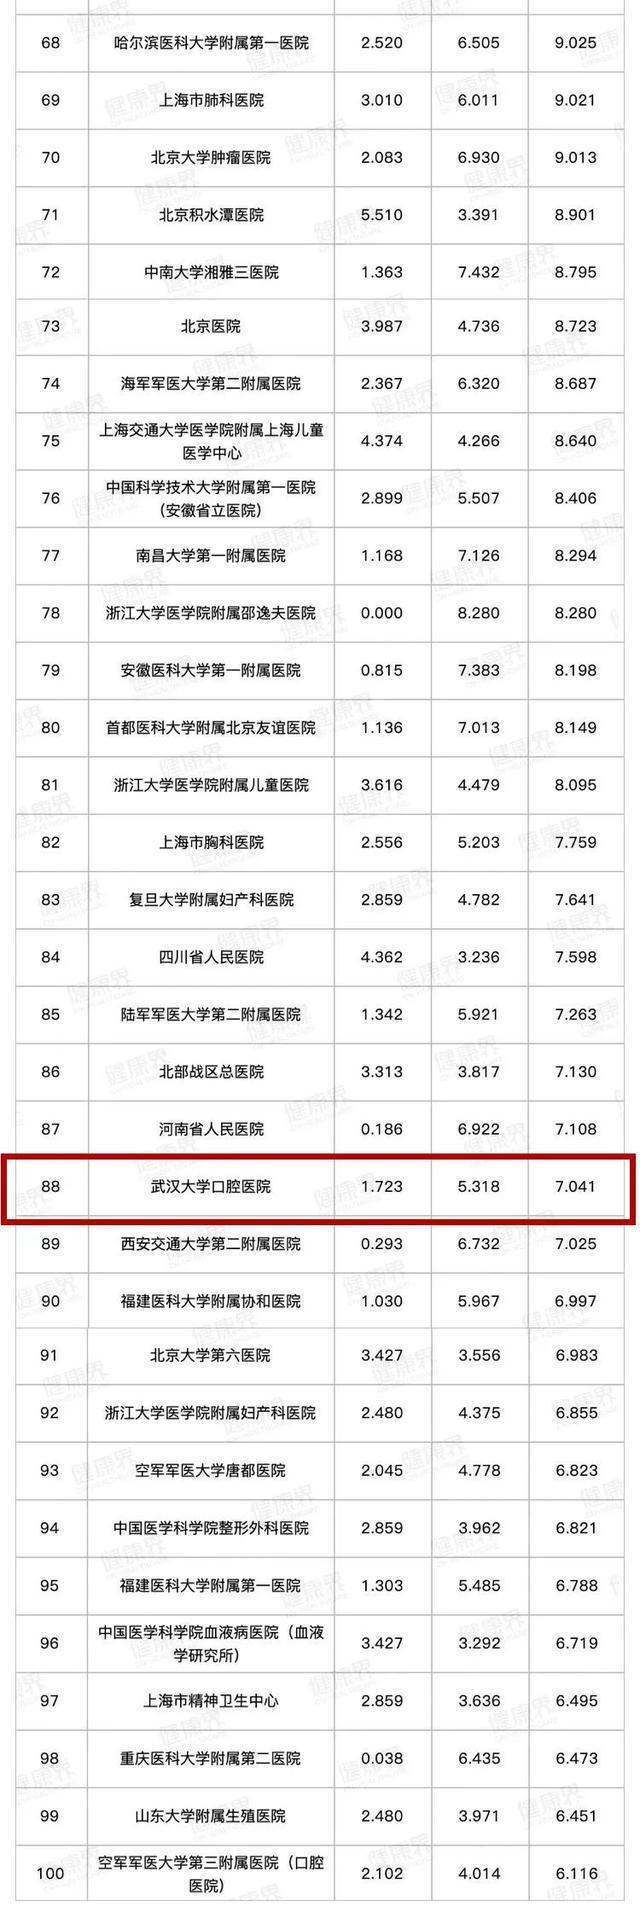 中国医院最新榜单出炉,武汉5家医院跻身百强。 第5张